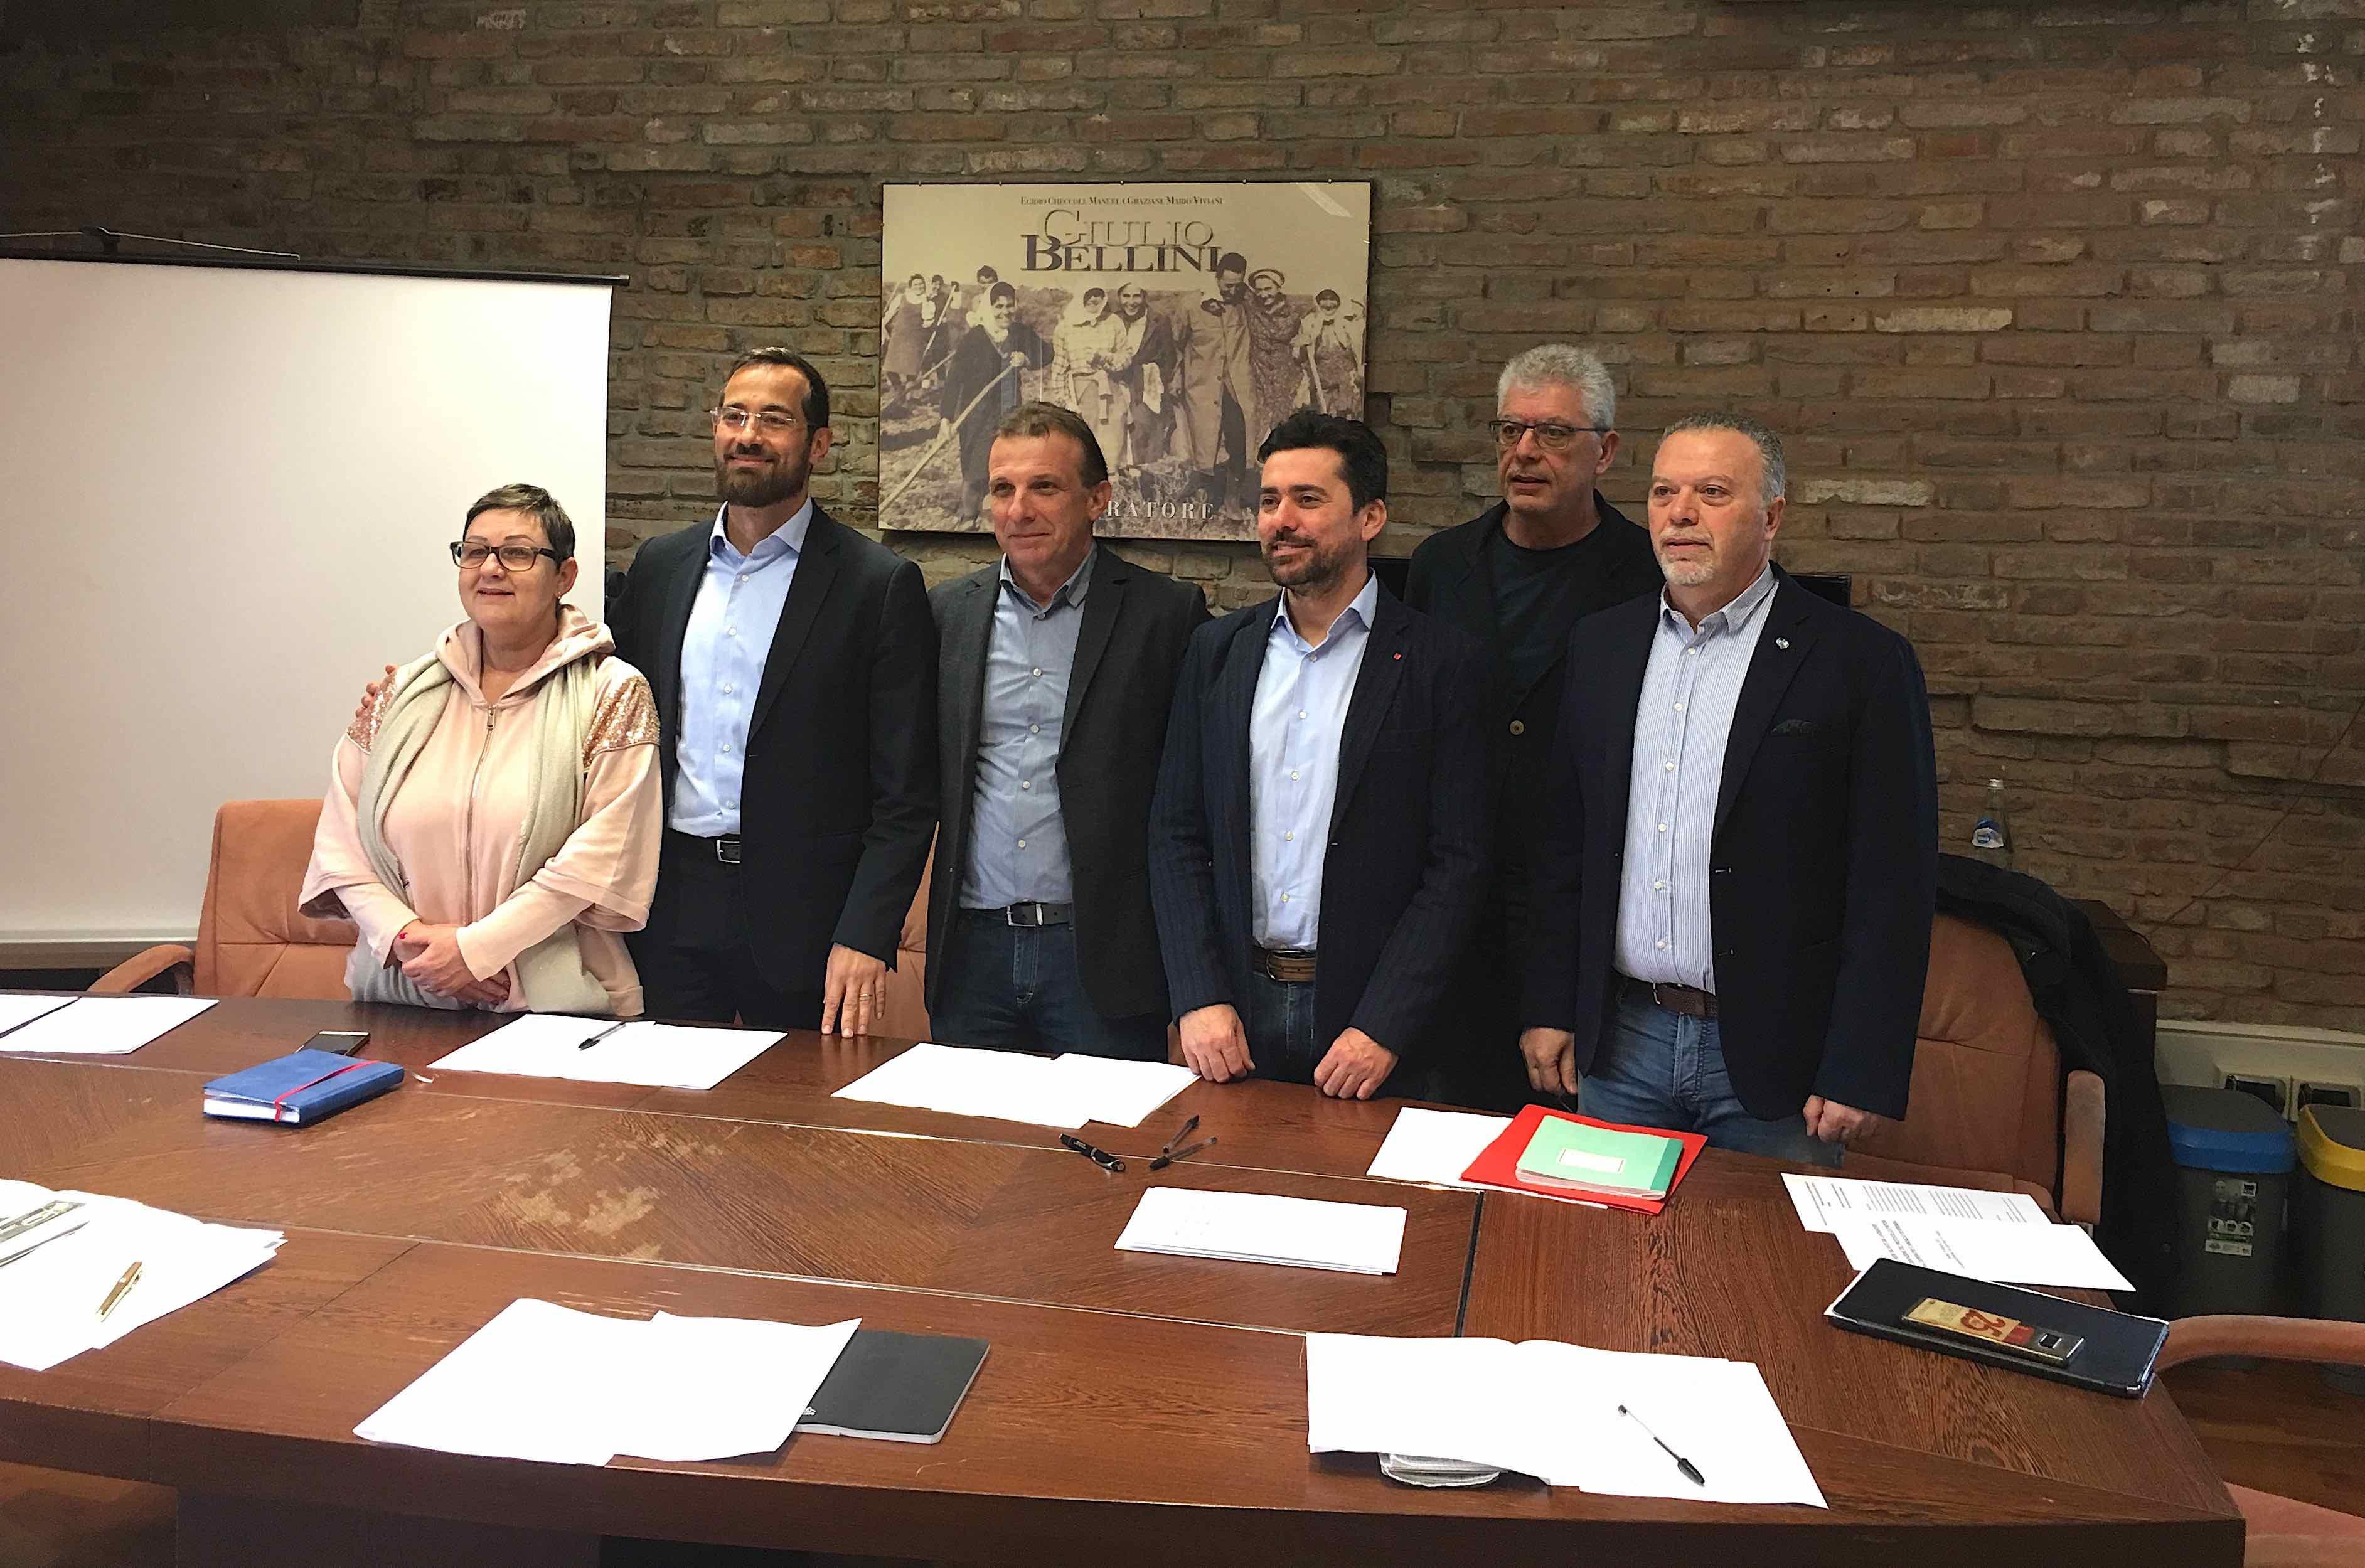 Imprese salvate dai lavoratori: presentato il Protocollo di intesa tra Cooperative e Sindacati di Ferrara